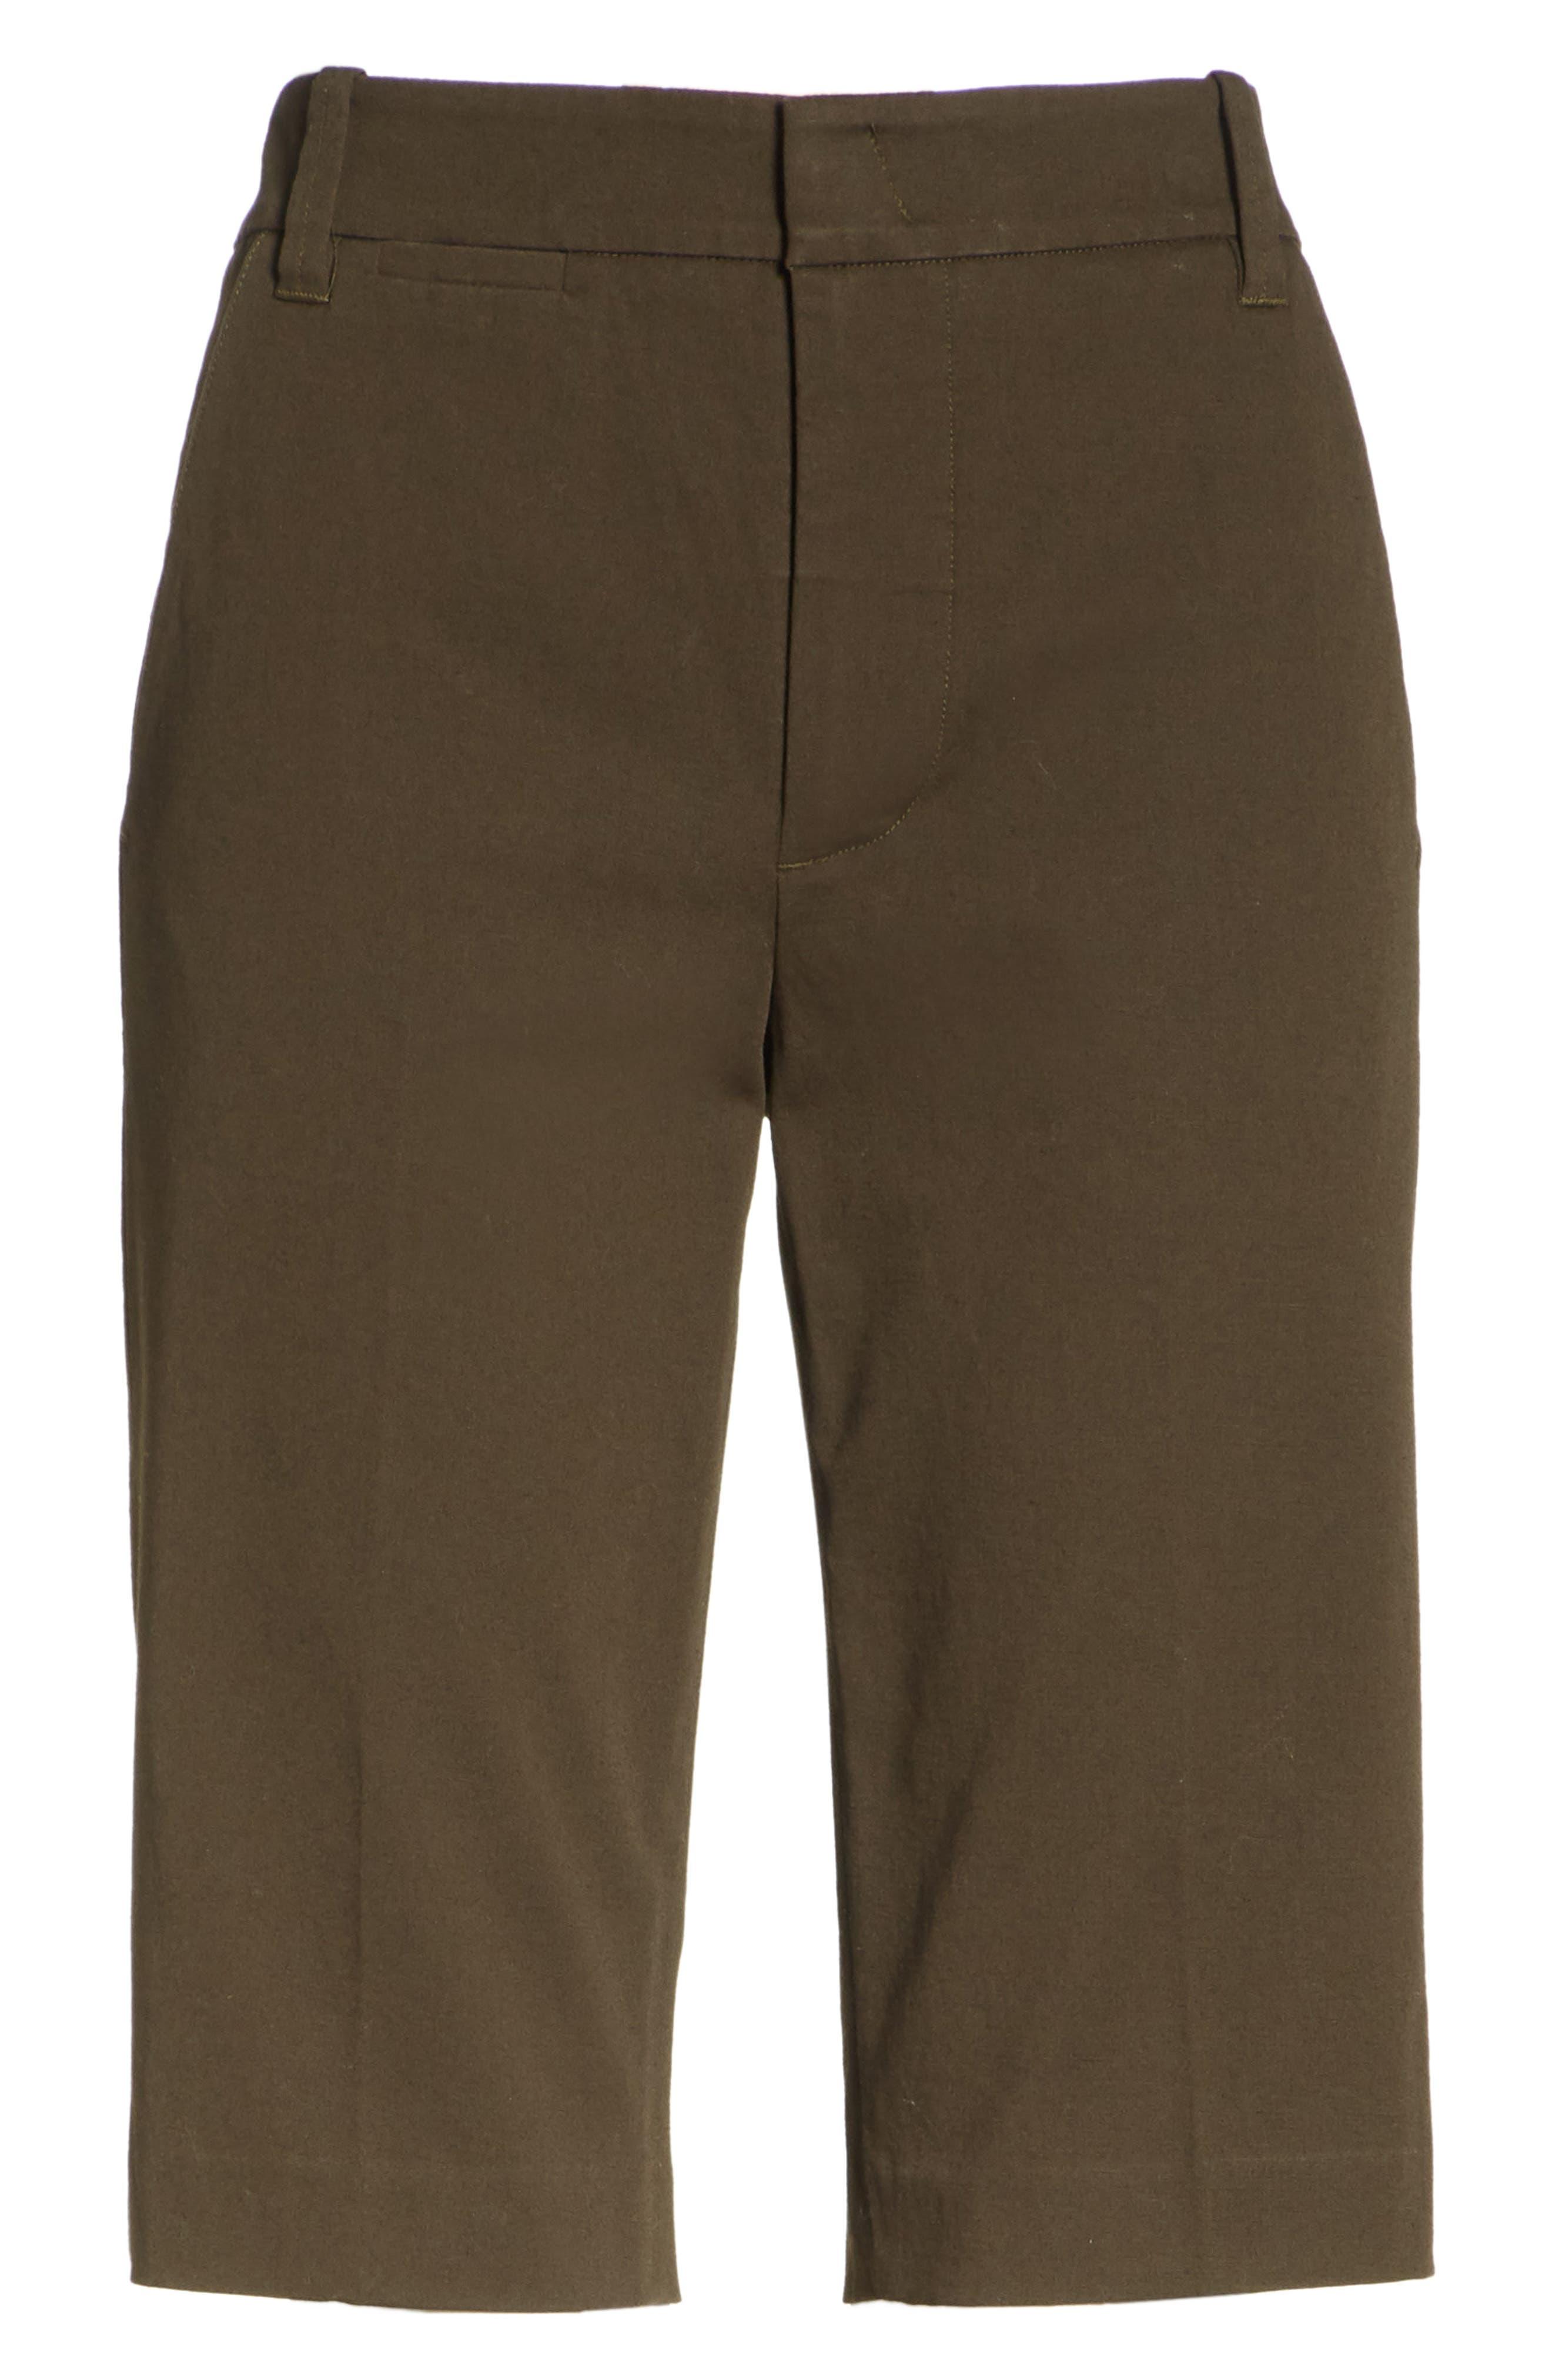 Coin Pocket Bermuda Shorts,                             Alternate thumbnail 6, color,                             Pinon Green